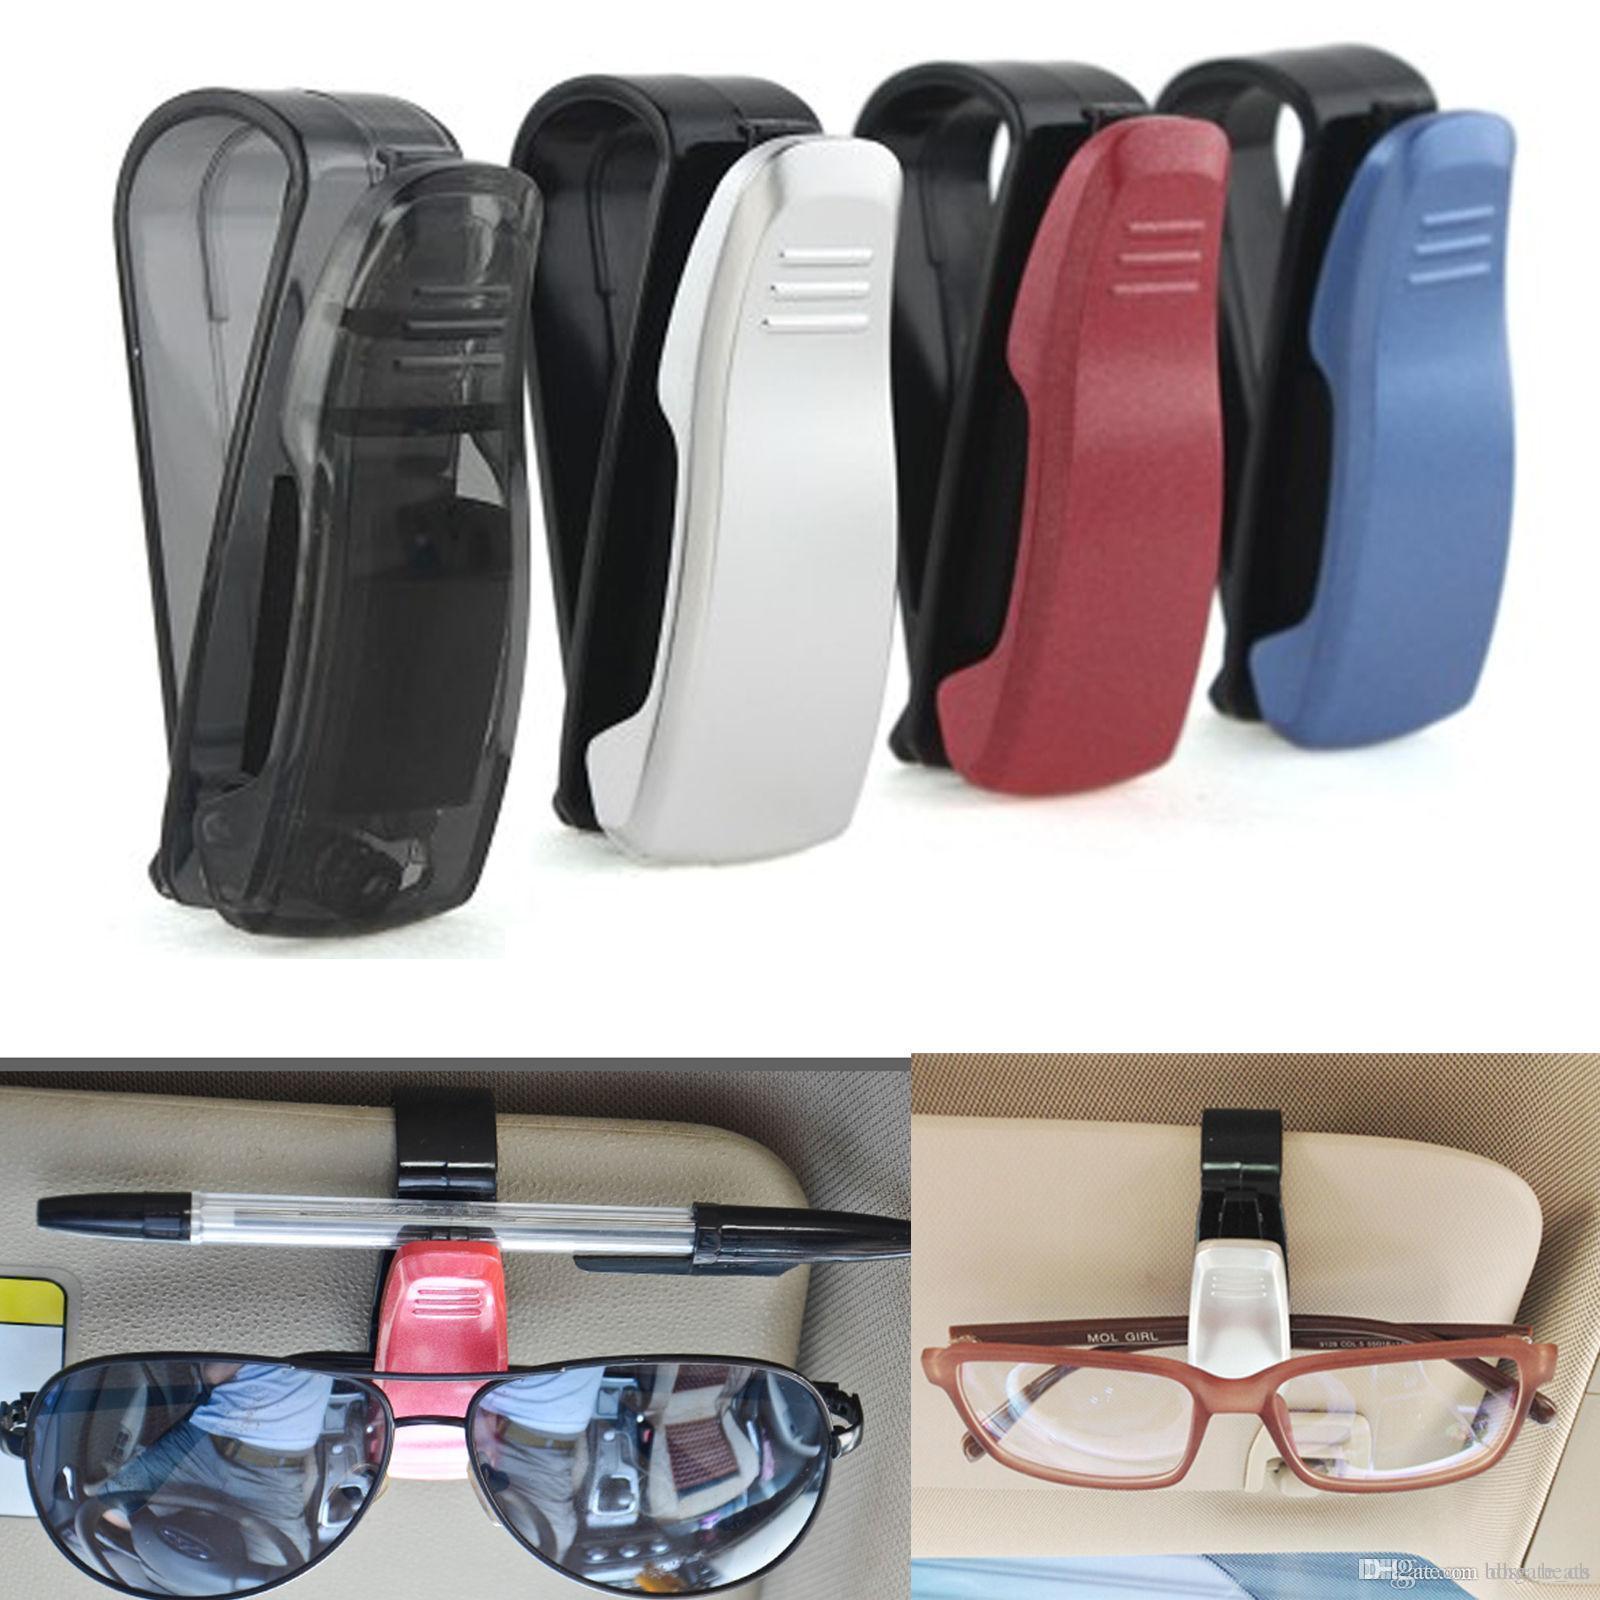 Солнцезащитные очки Клип очки автомобилей Билеты держатель автомобиля карты Квитанция Солнцезащитный козырек Маунт Солнцезащитный козырек Маунт Eyeglass клип 4Colors FFA121